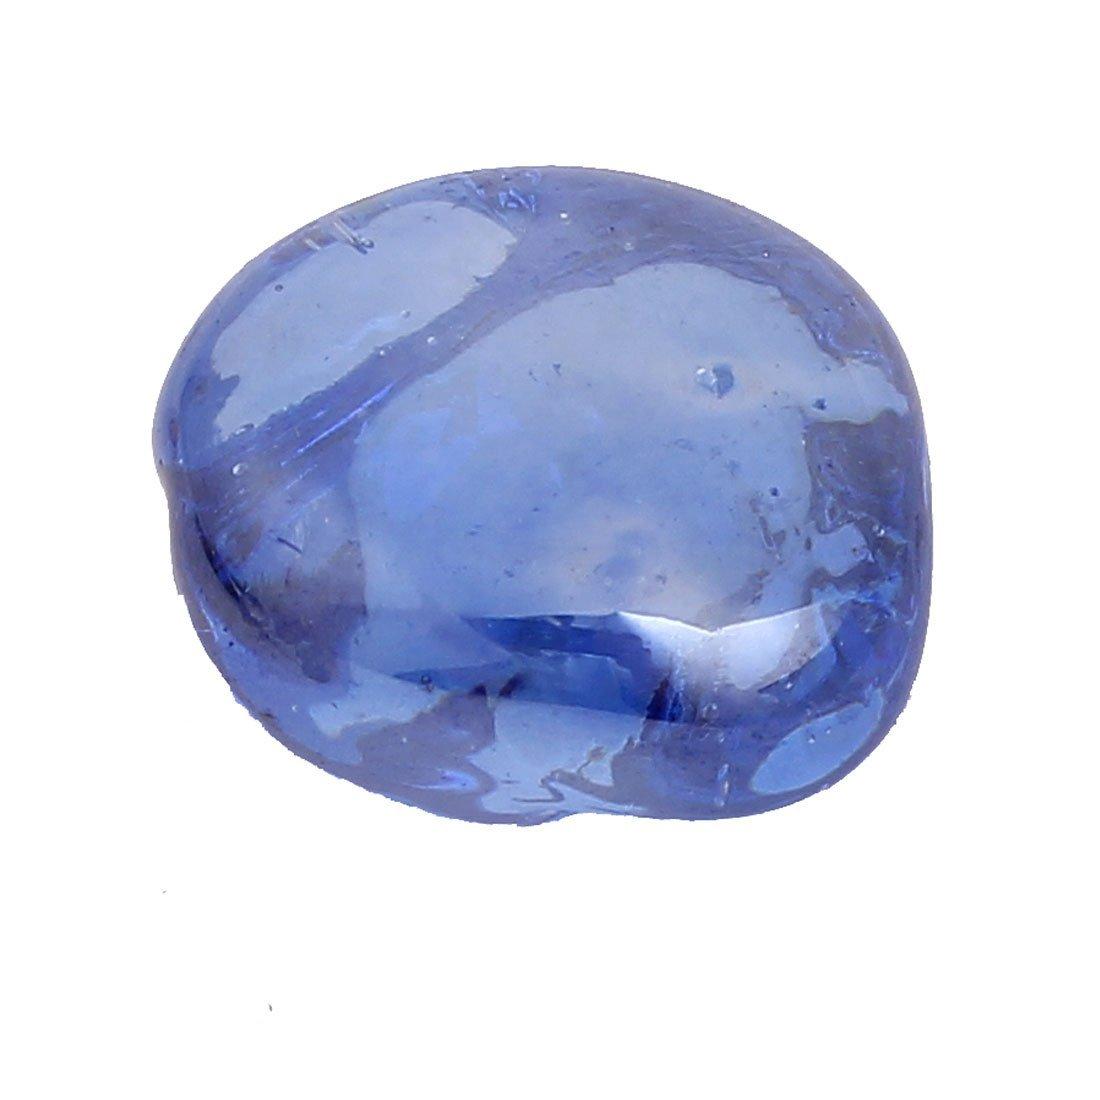 Amazon.com : eDealMax Los cristales del acuario Goldfish Bowl Con textura de Piedra decoración Azul claro : Pet Supplies